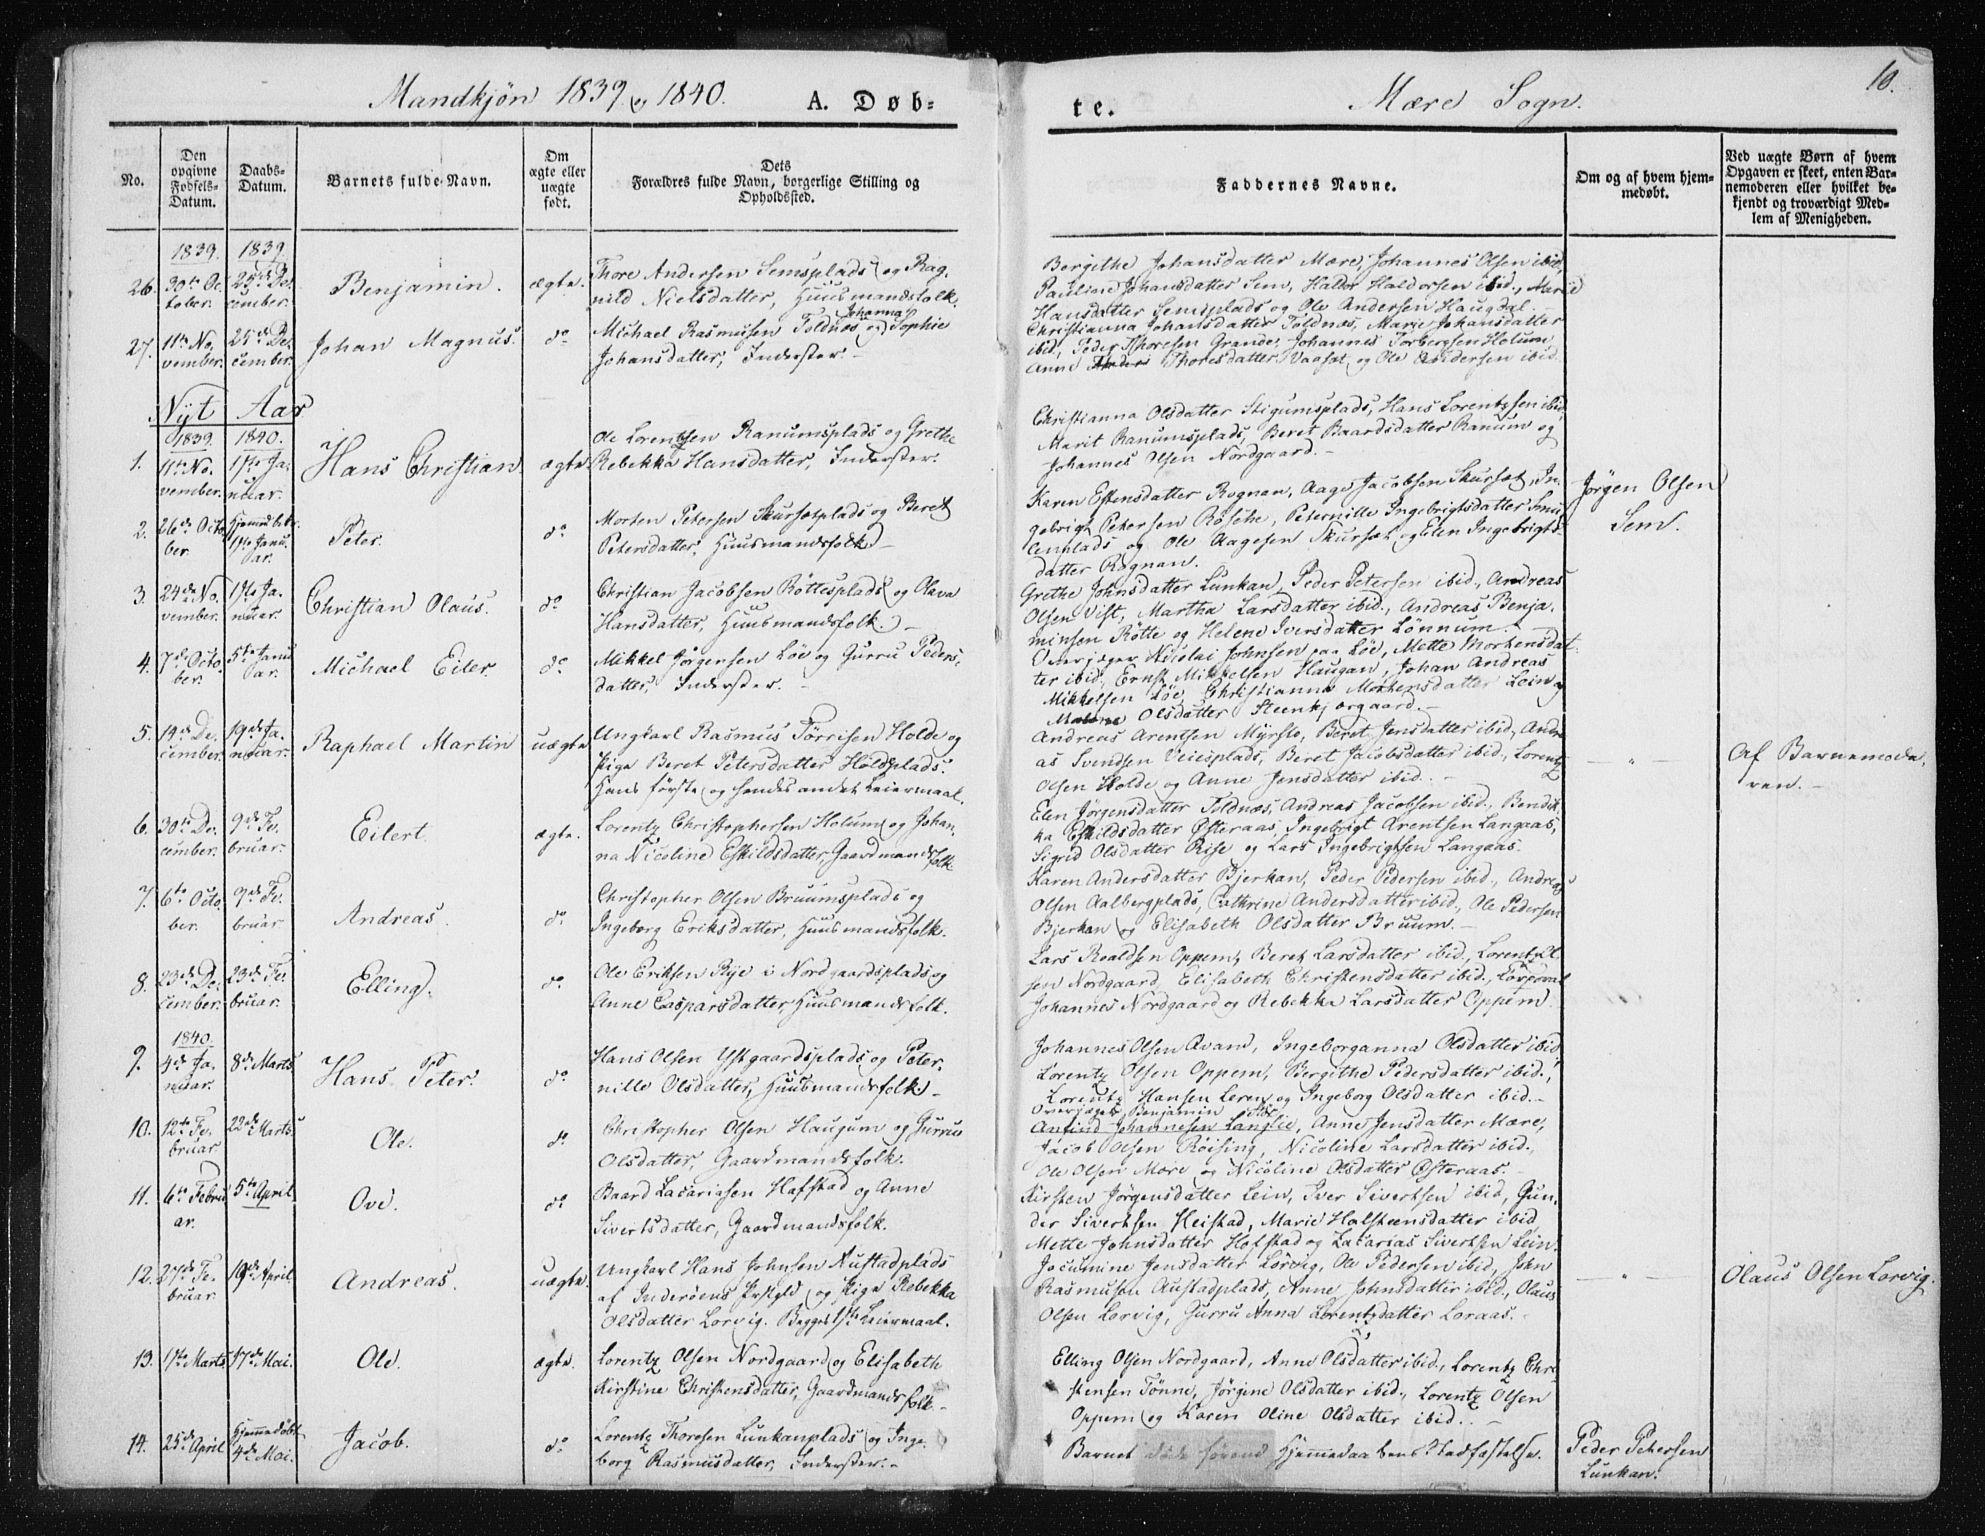 SAT, Ministerialprotokoller, klokkerbøker og fødselsregistre - Nord-Trøndelag, 735/L0339: Ministerialbok nr. 735A06 /1, 1836-1848, s. 10